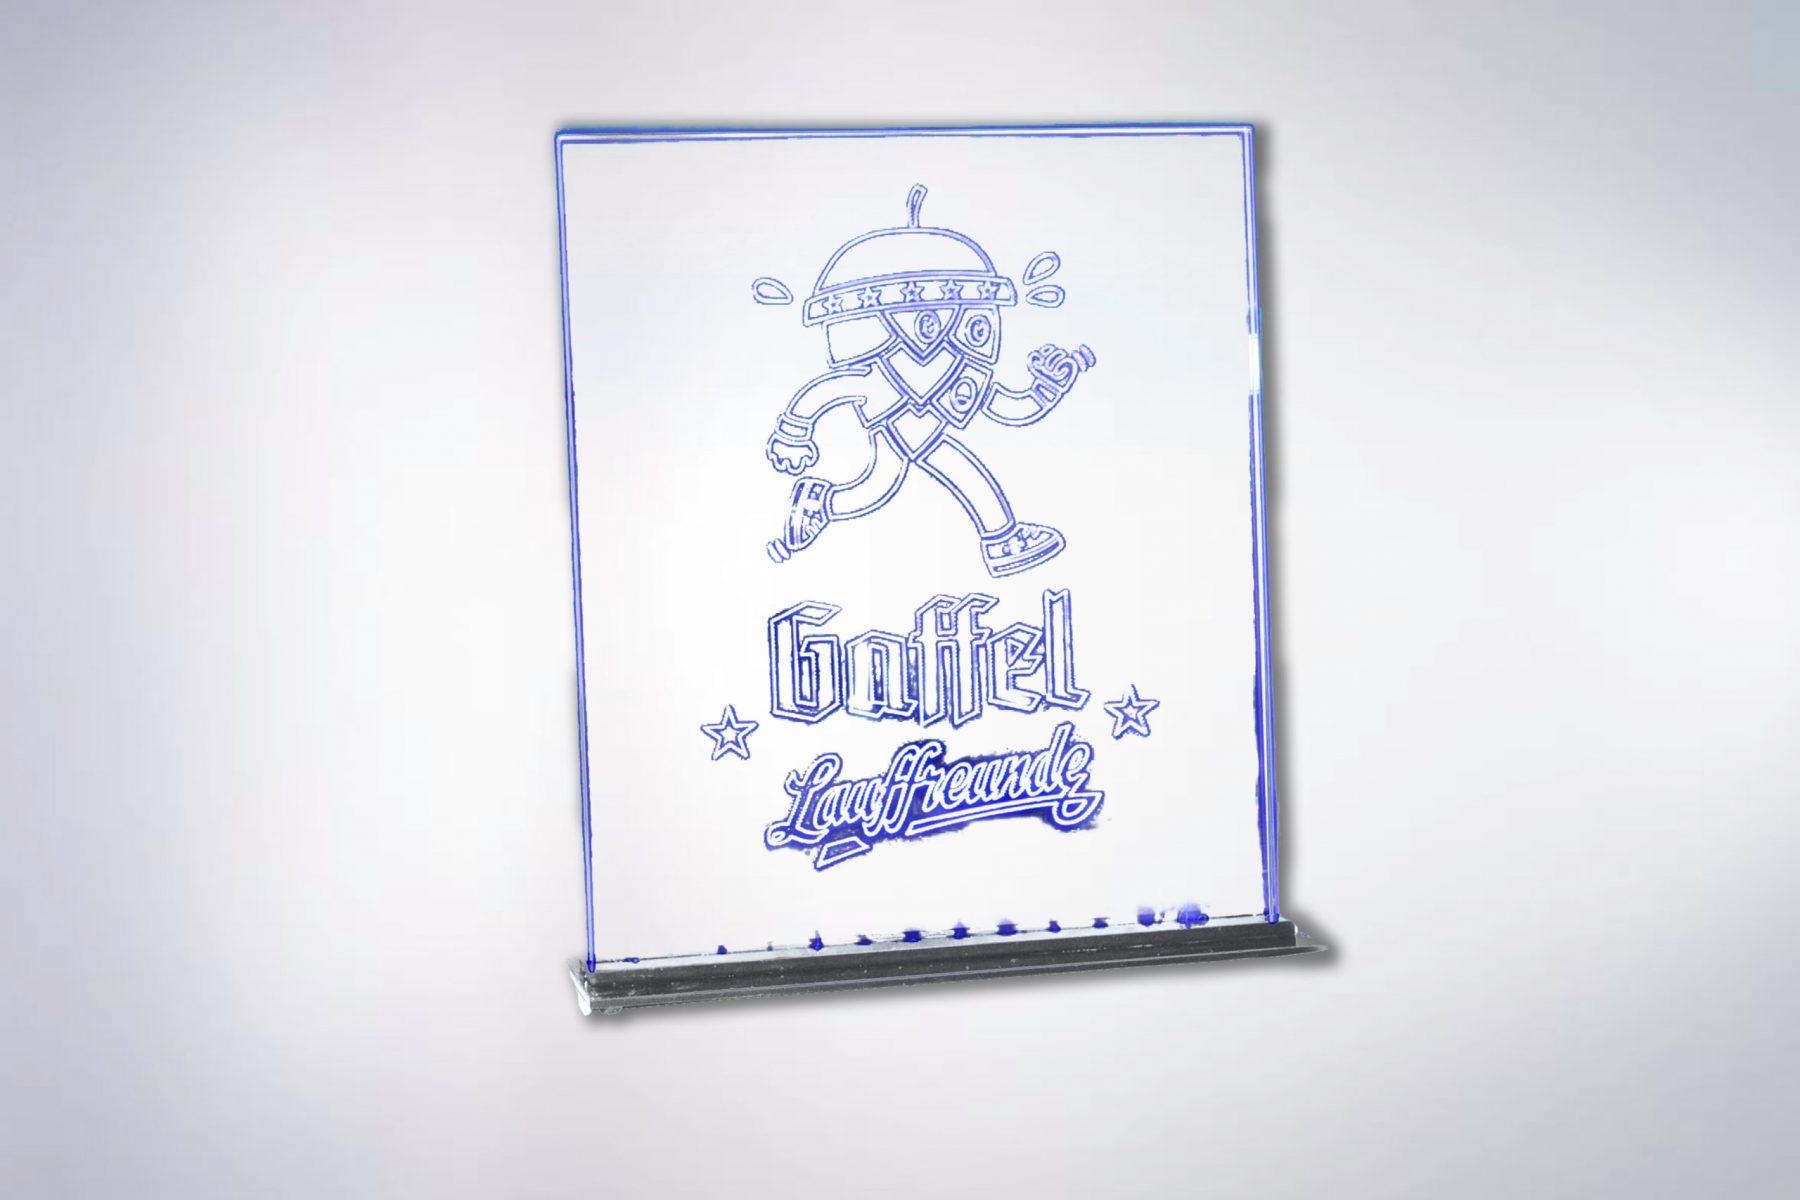 Gaffel-Leuchtdisplay